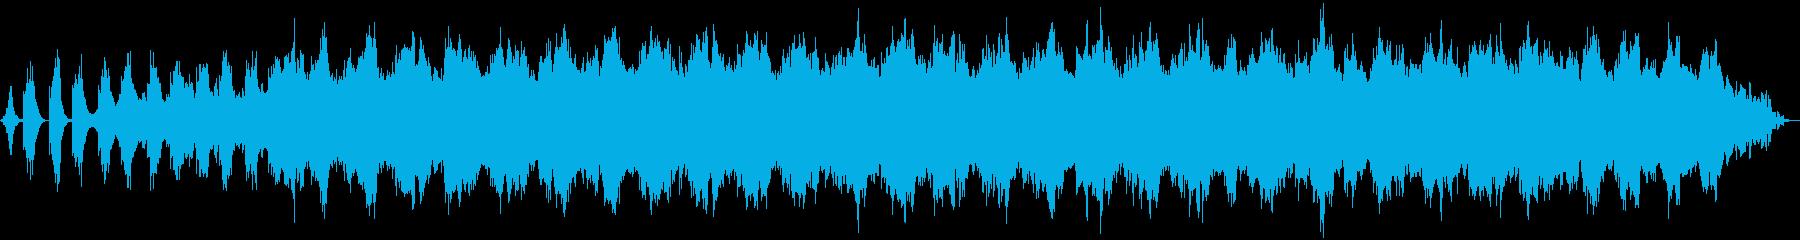 ヒーリング向けの安らかなアンビエントの再生済みの波形